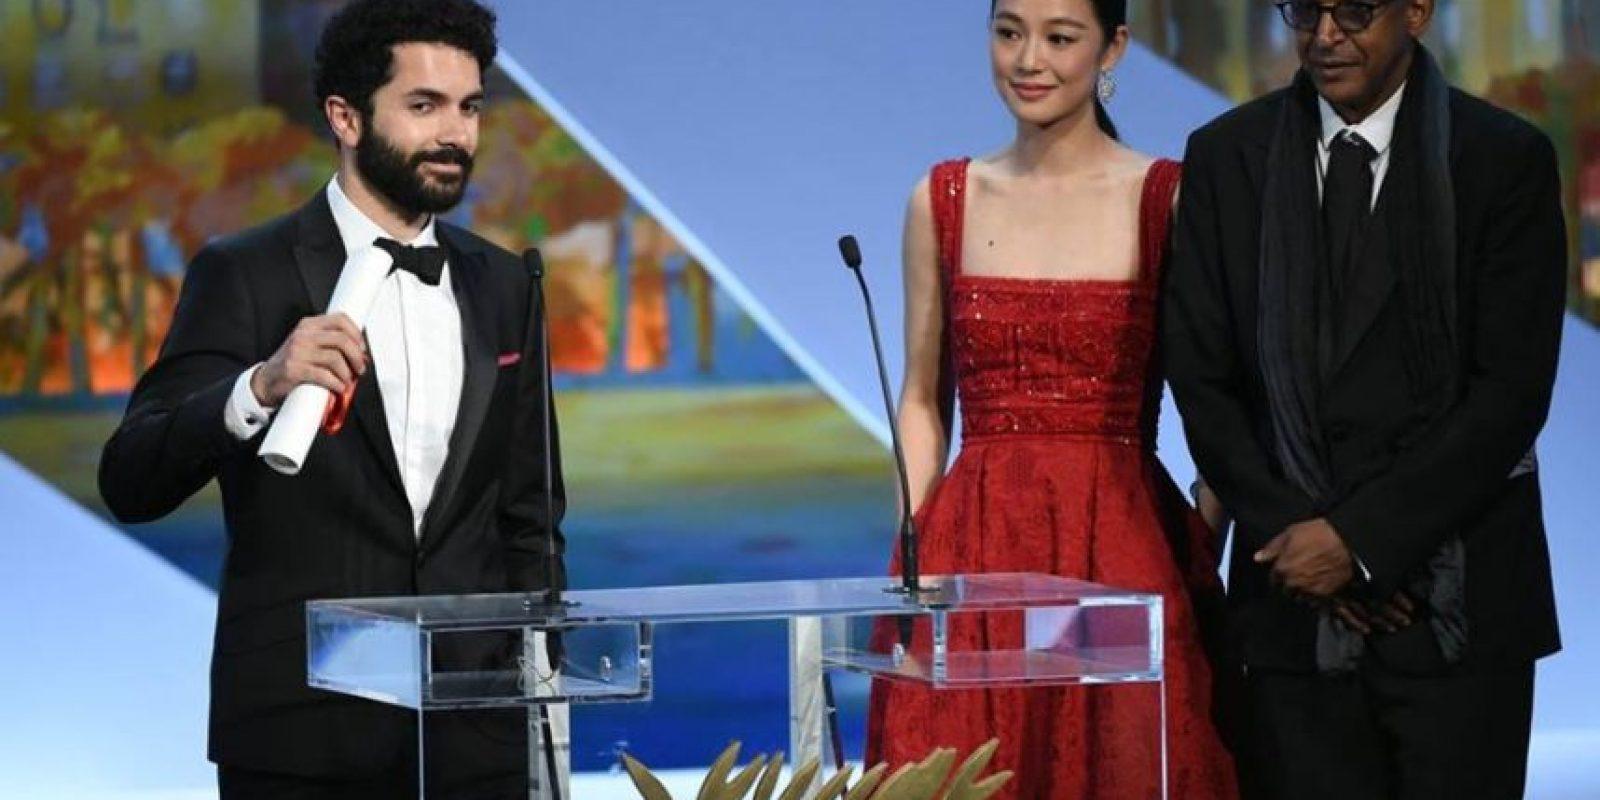 """Ely Dagher, de Líbano, fue el dueño de la Palma de Oro por """"Mejor cortometraje"""" Foto:vía facebook.com/Festival-de-Cannes-Page-Officielle"""